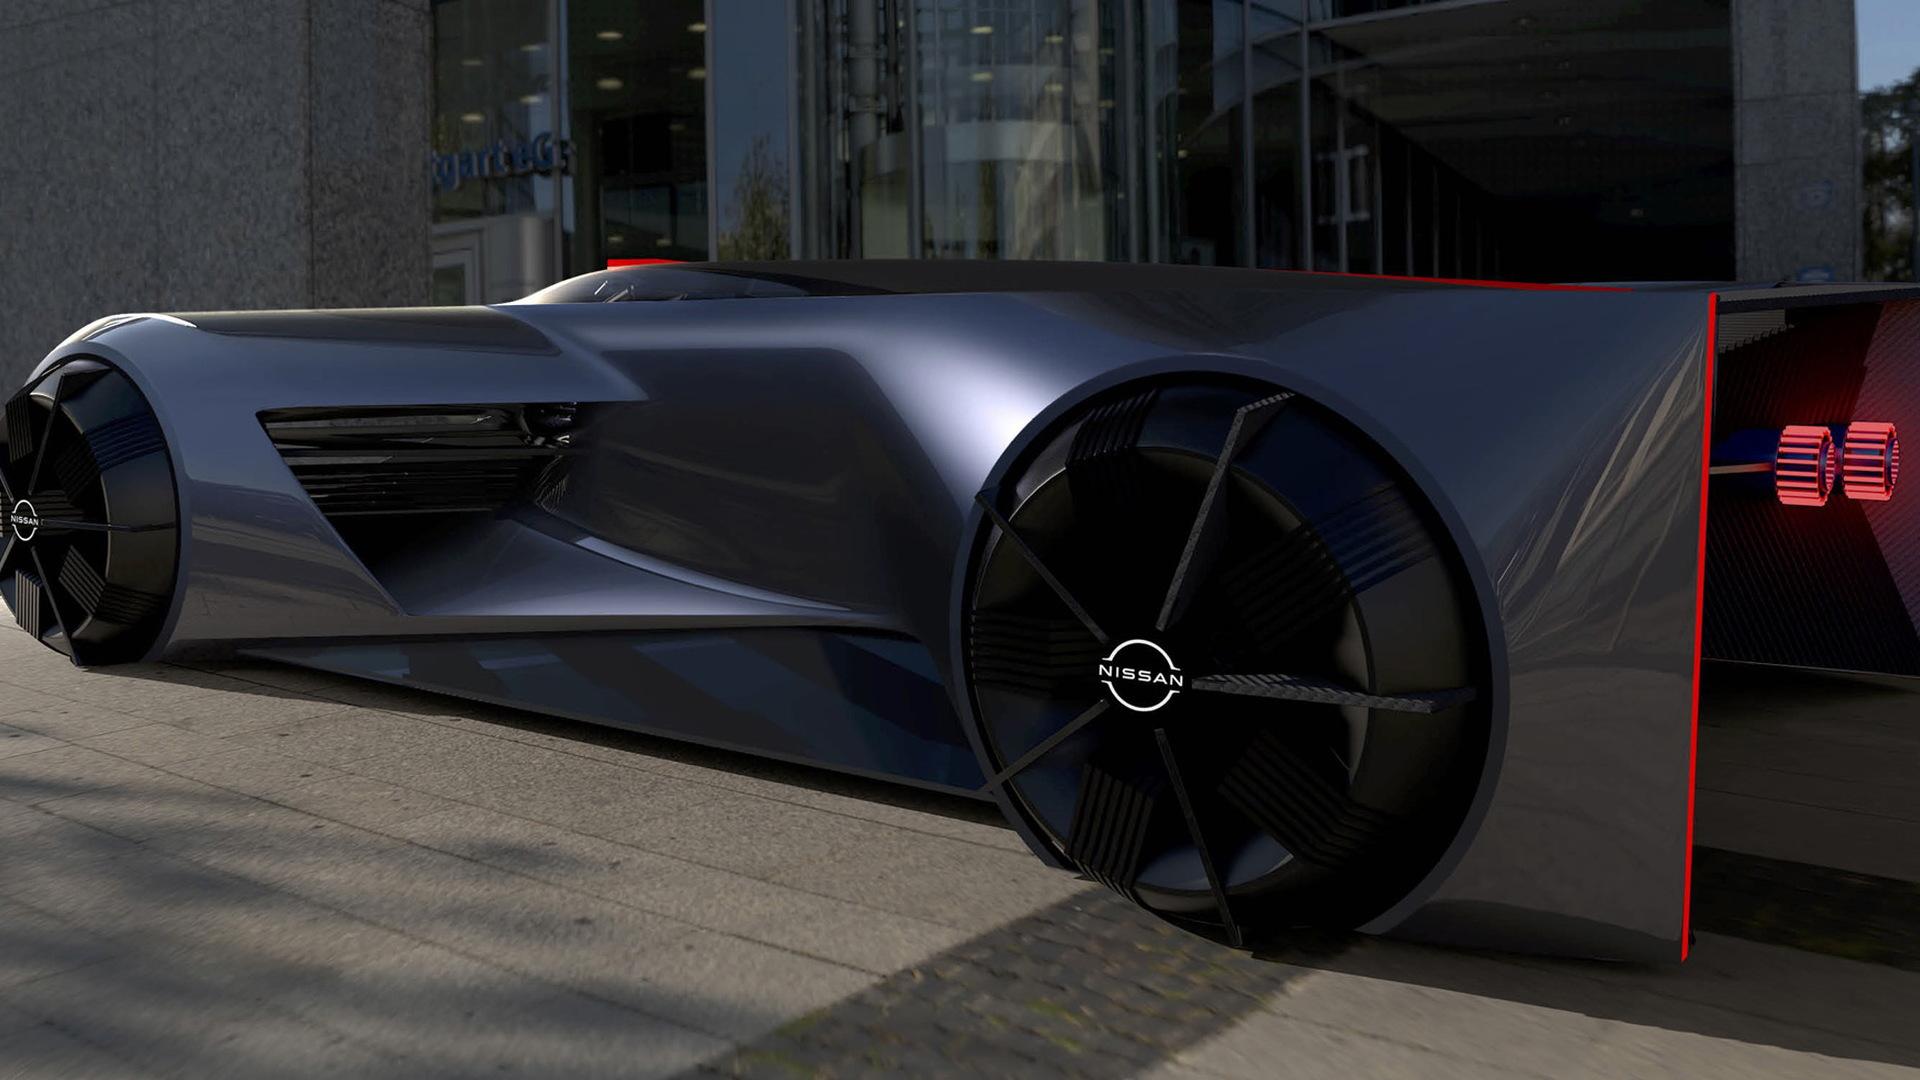 Nissan GT-R X 2050 concept